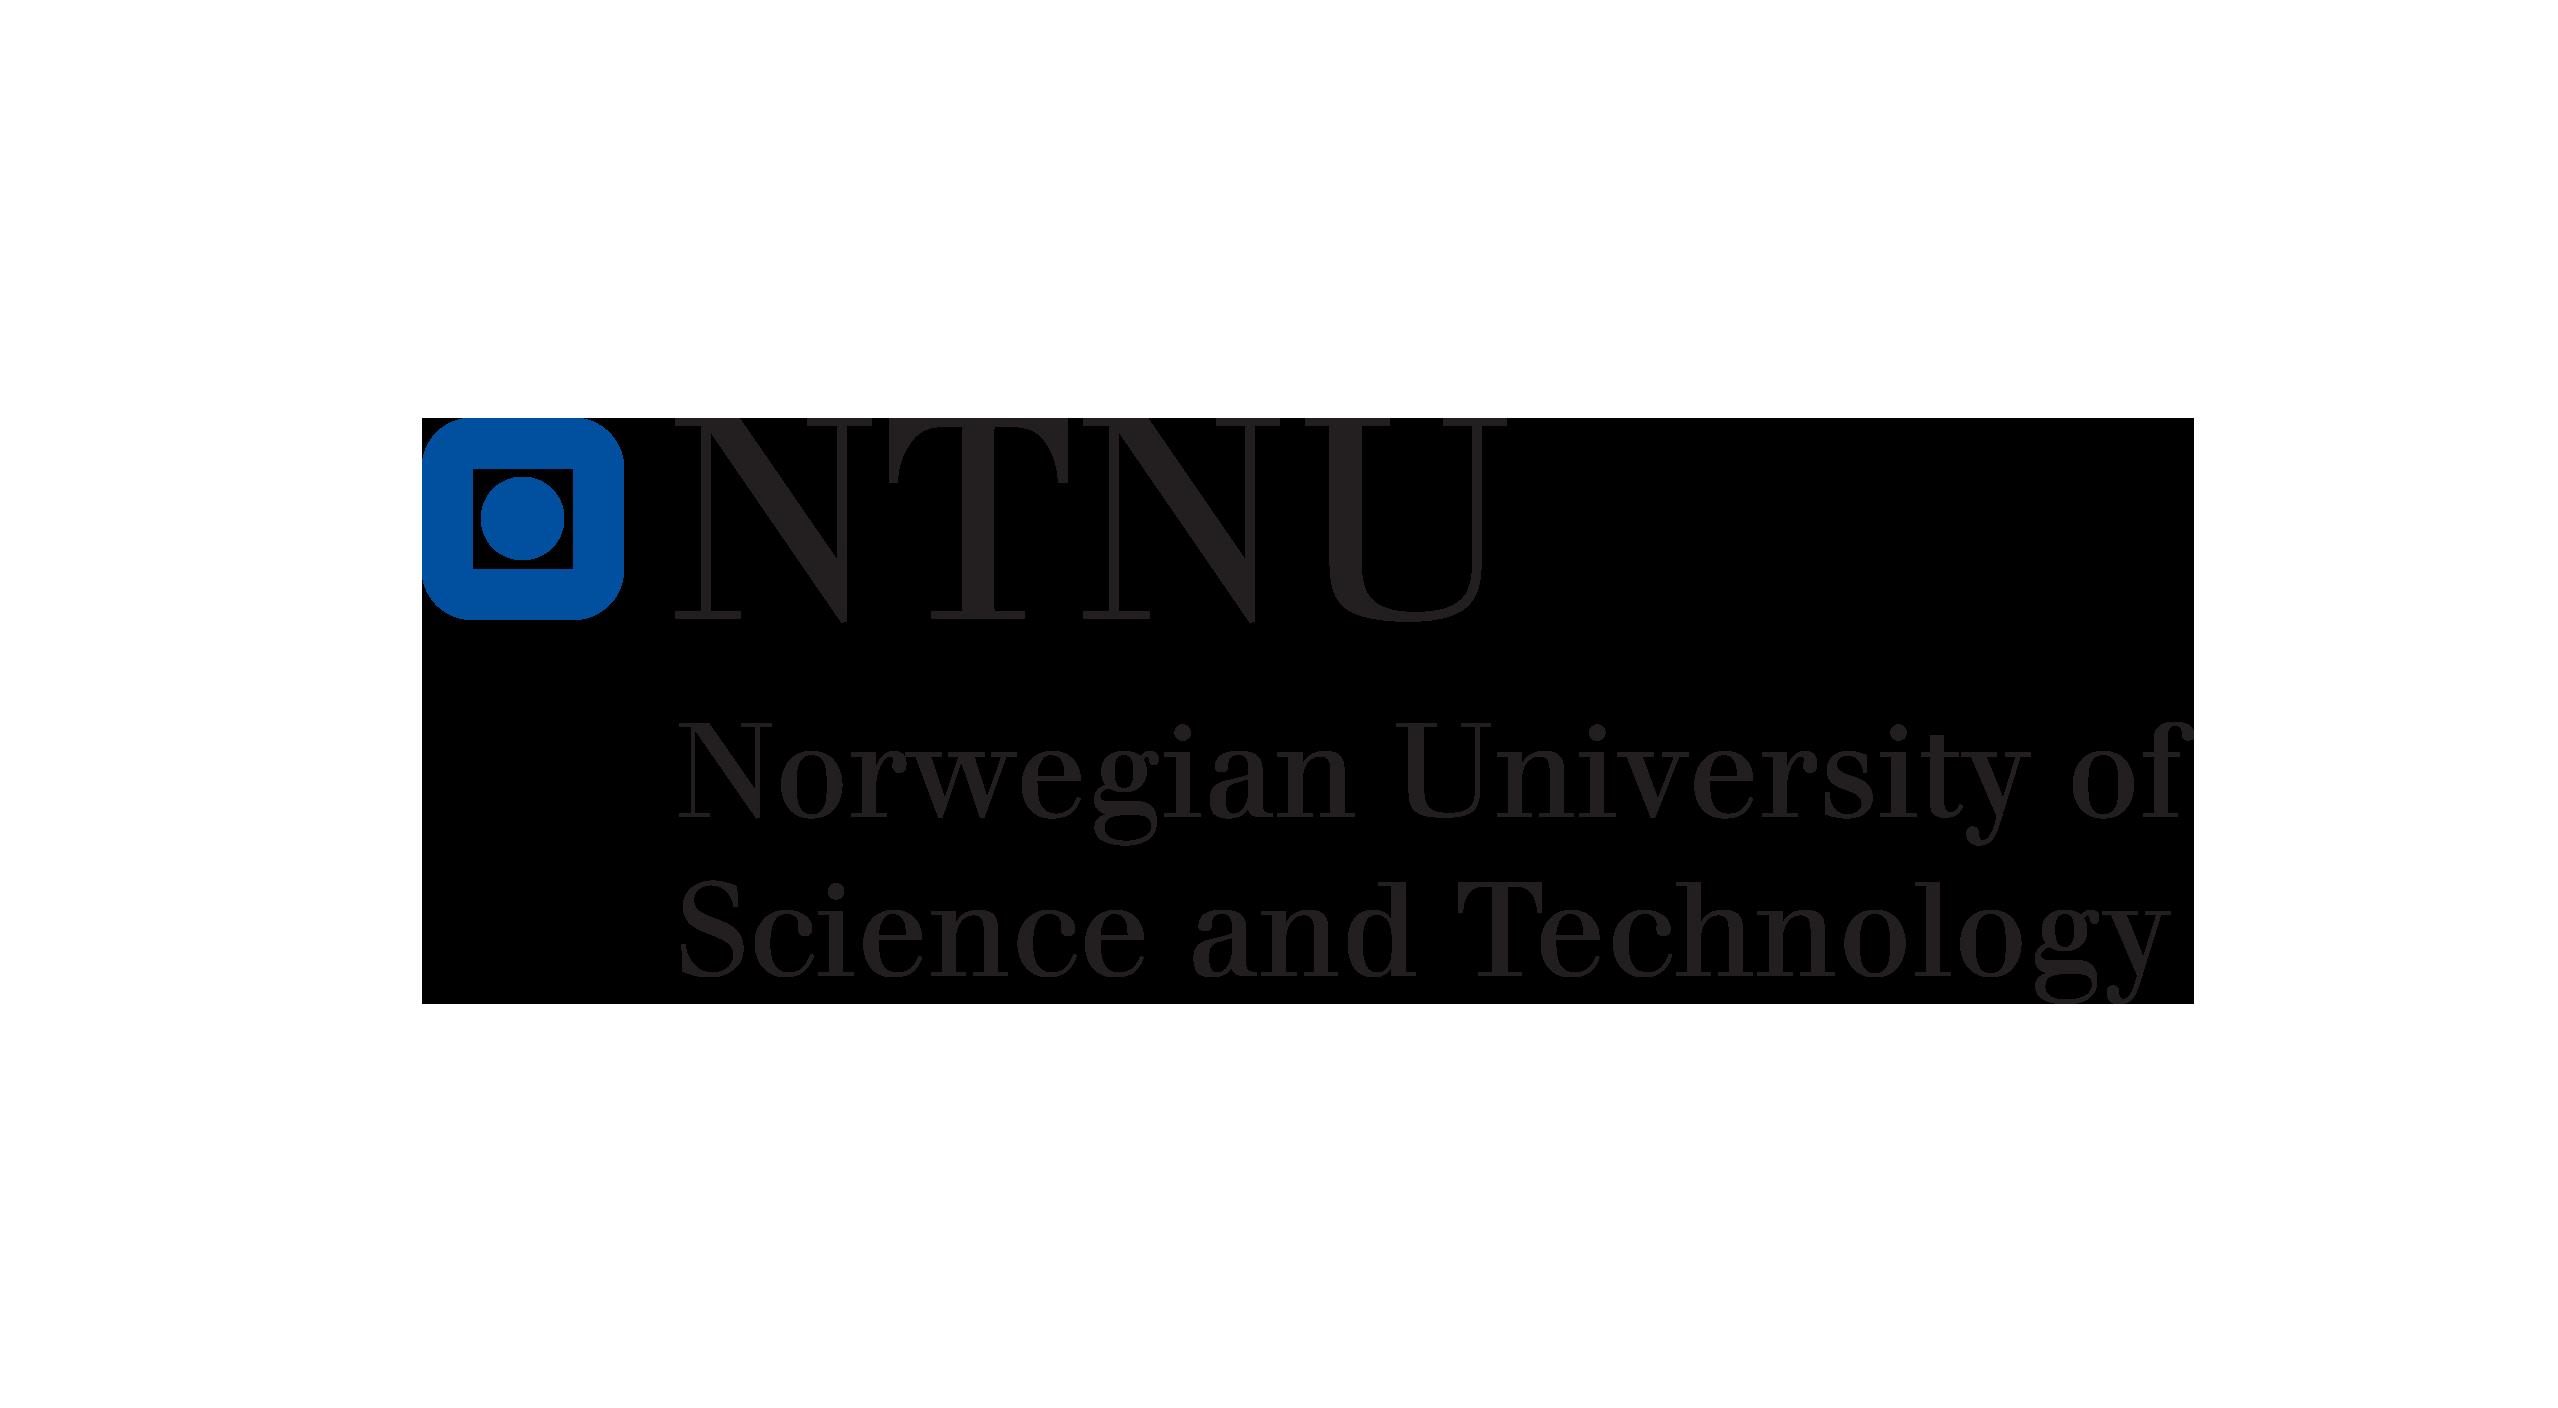 NTNU hovedlogo_eng (002)